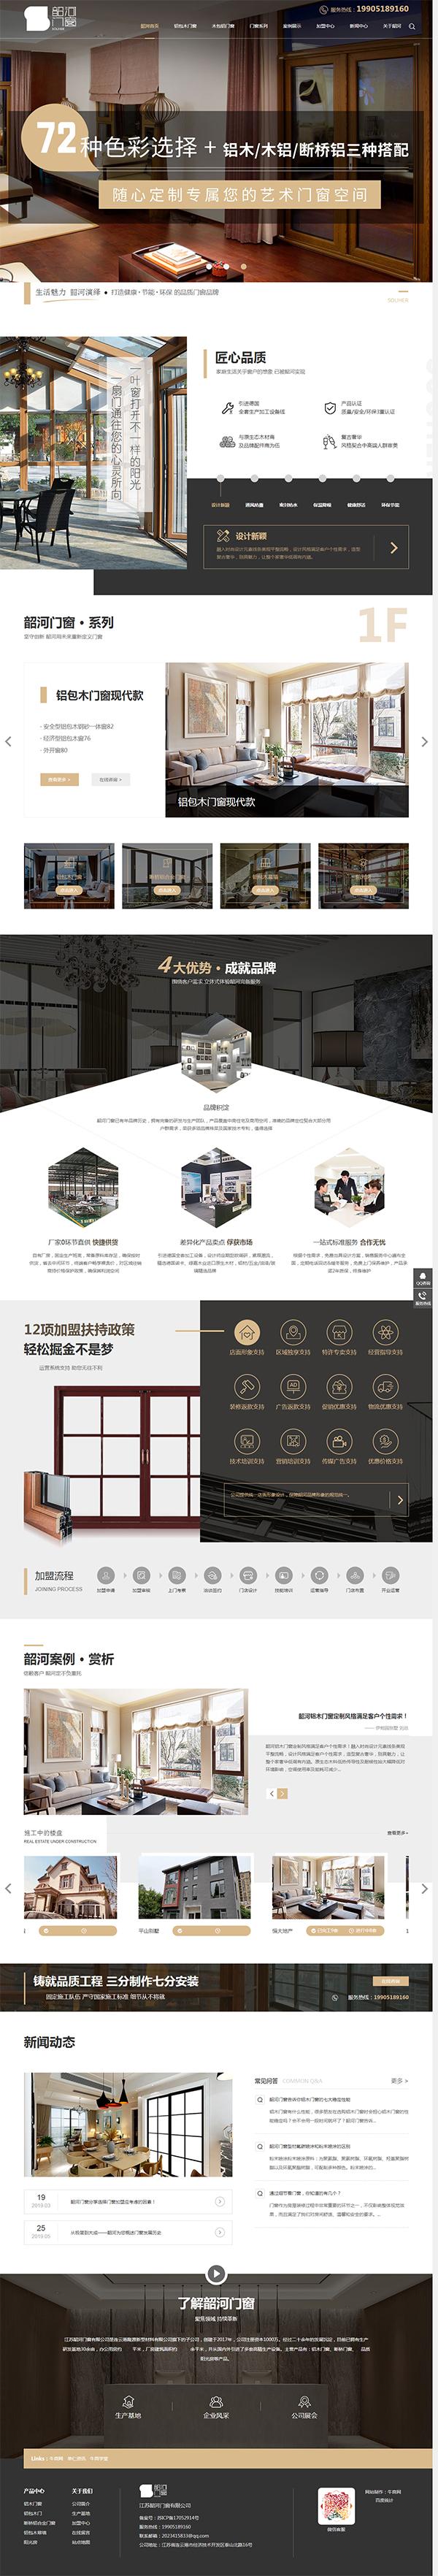 江苏韶河门窗-龙8国际龙88型龙8国际官网首页首页截图